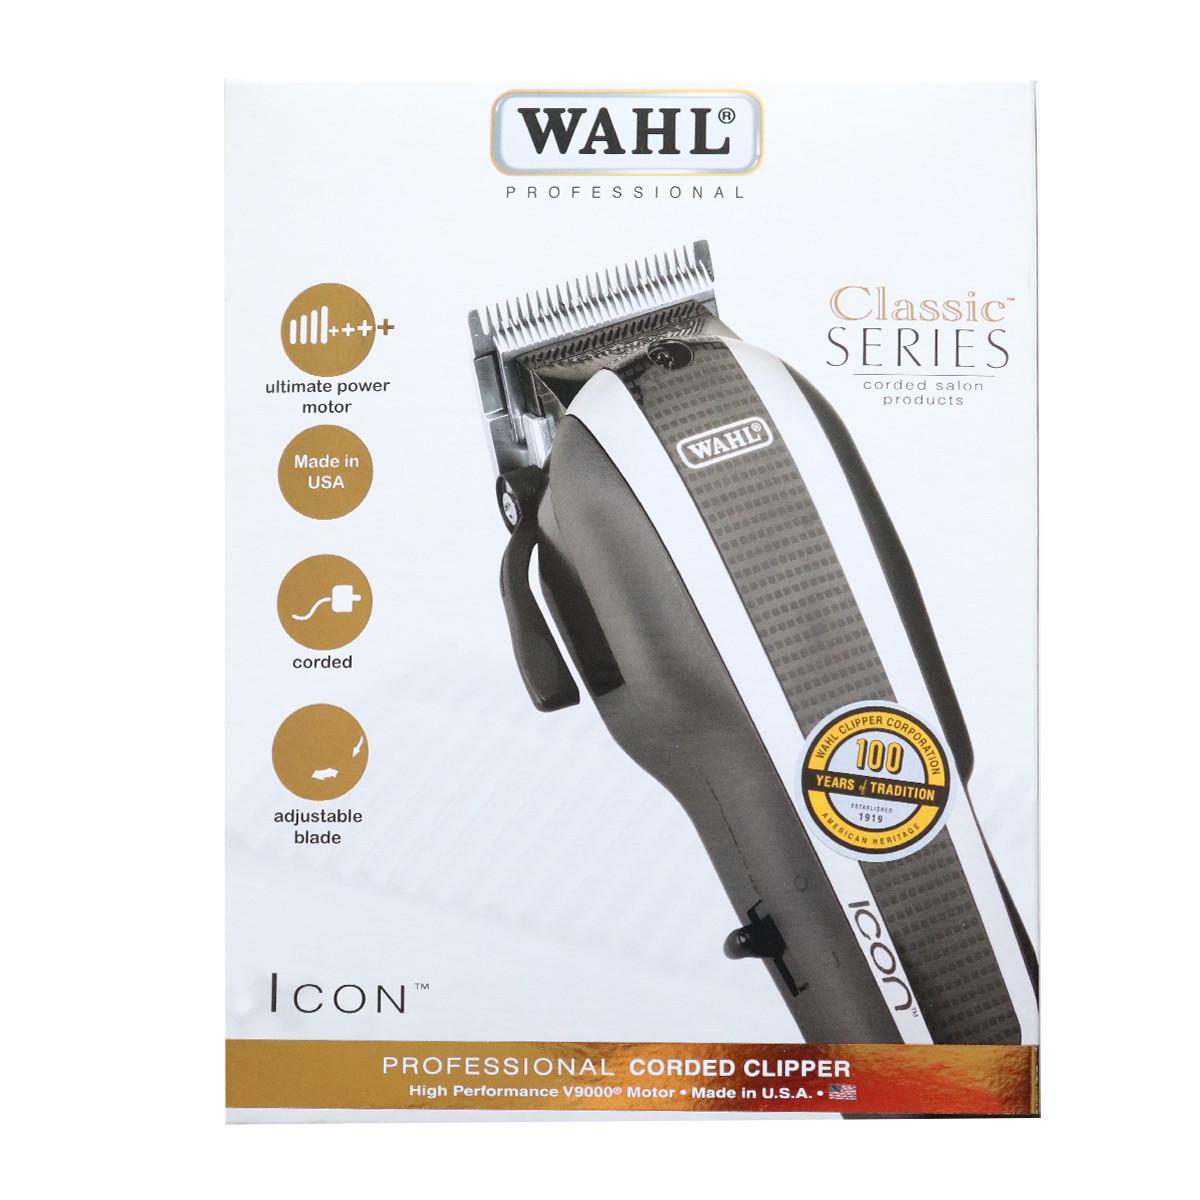 wahl-icon